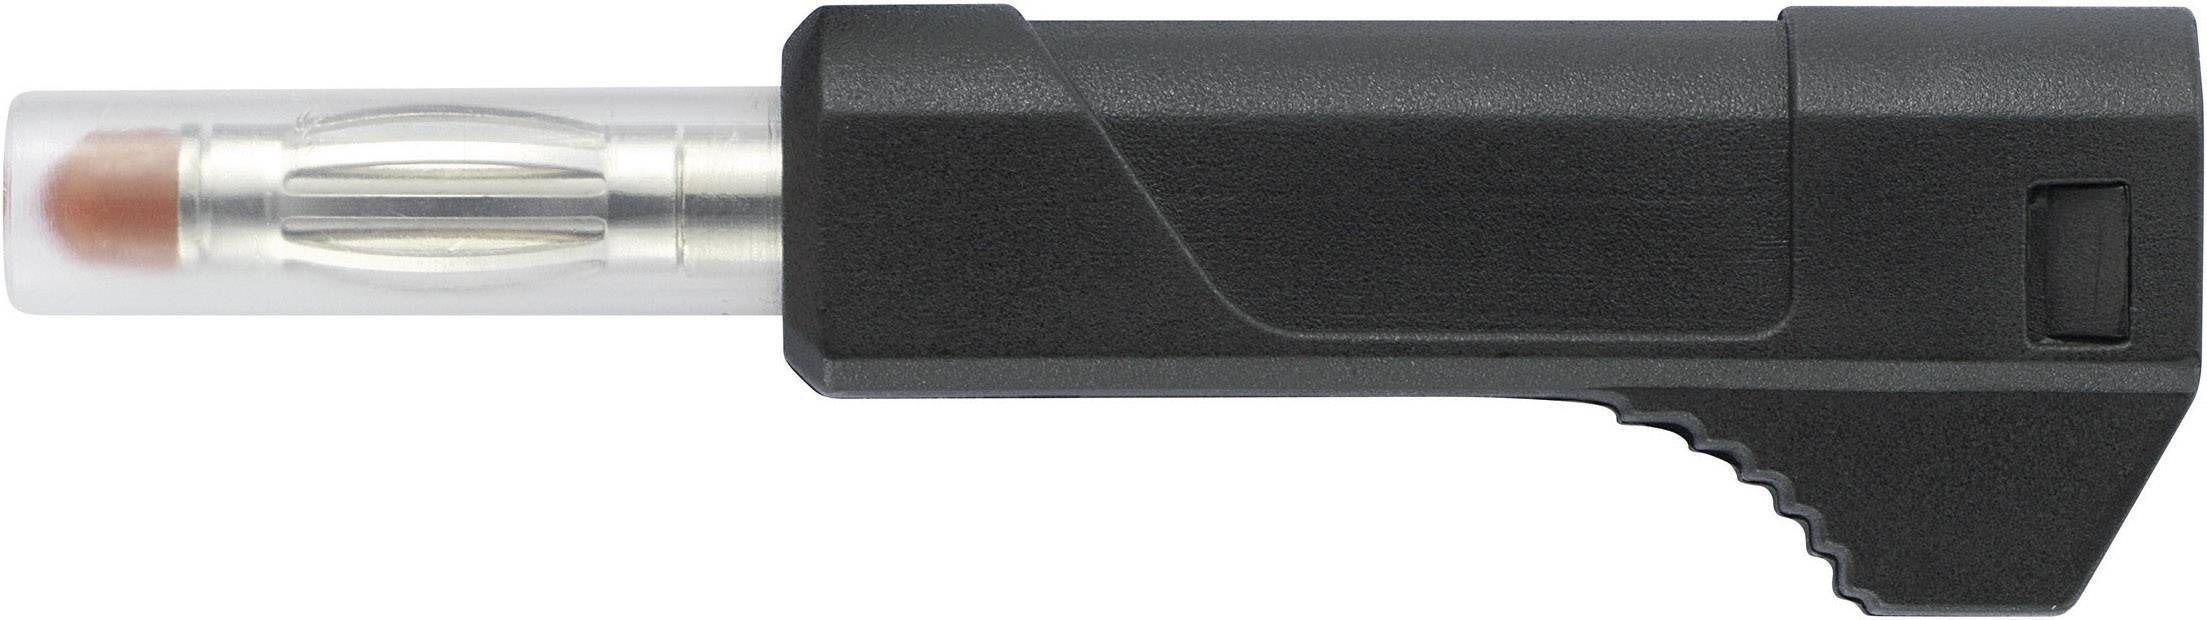 Mini lamelová zástrčka SCI R8-103 B – zástrčka, rovná, Ø hrotu: 4 mm, čierna, 1 ks